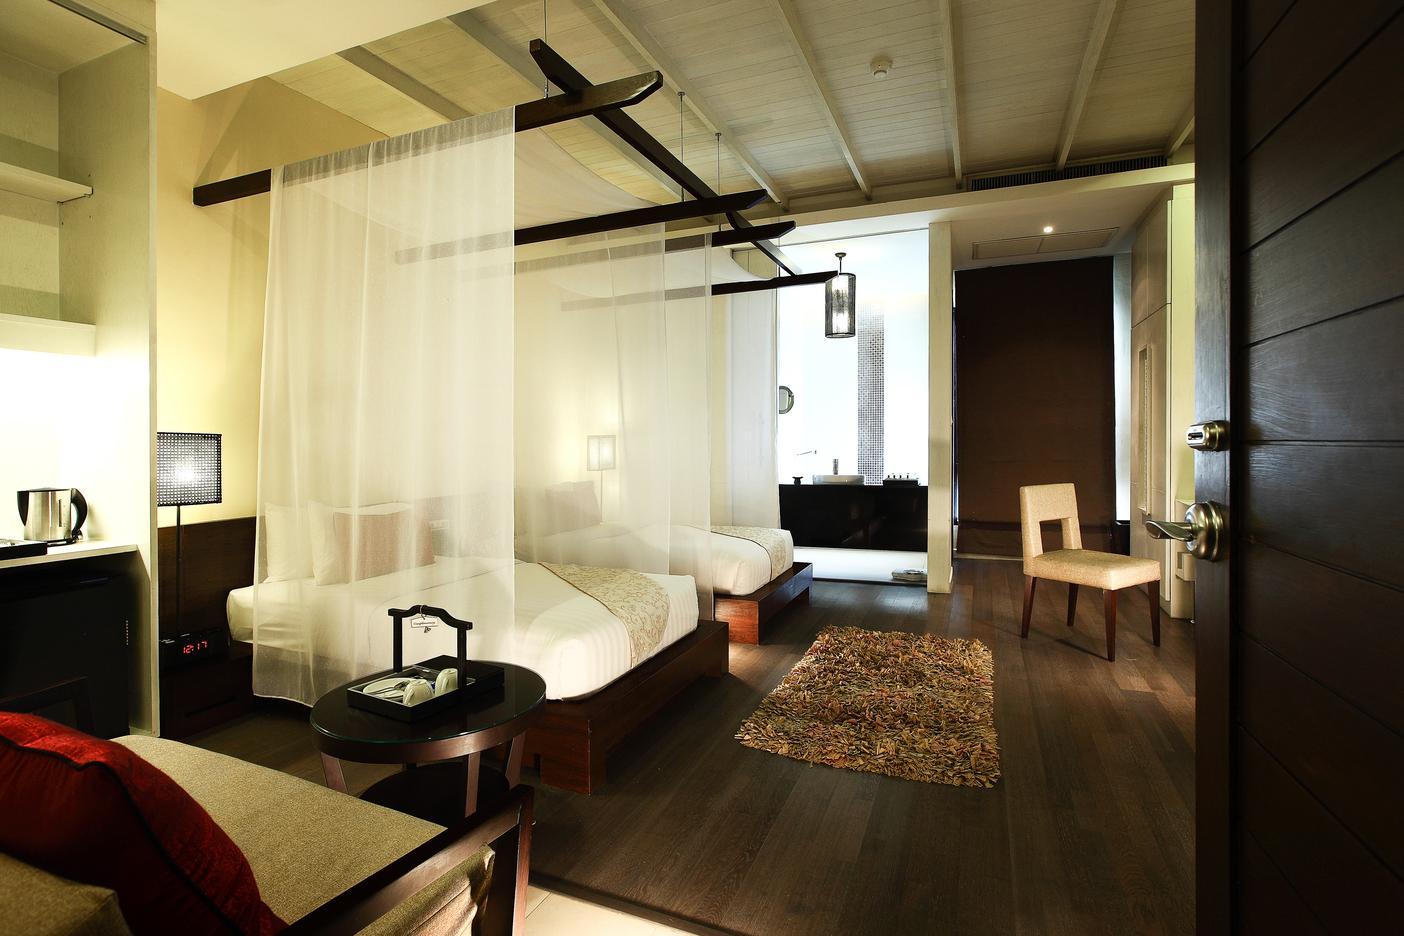 De Chai Colonial Hotel & Spa - Image 3